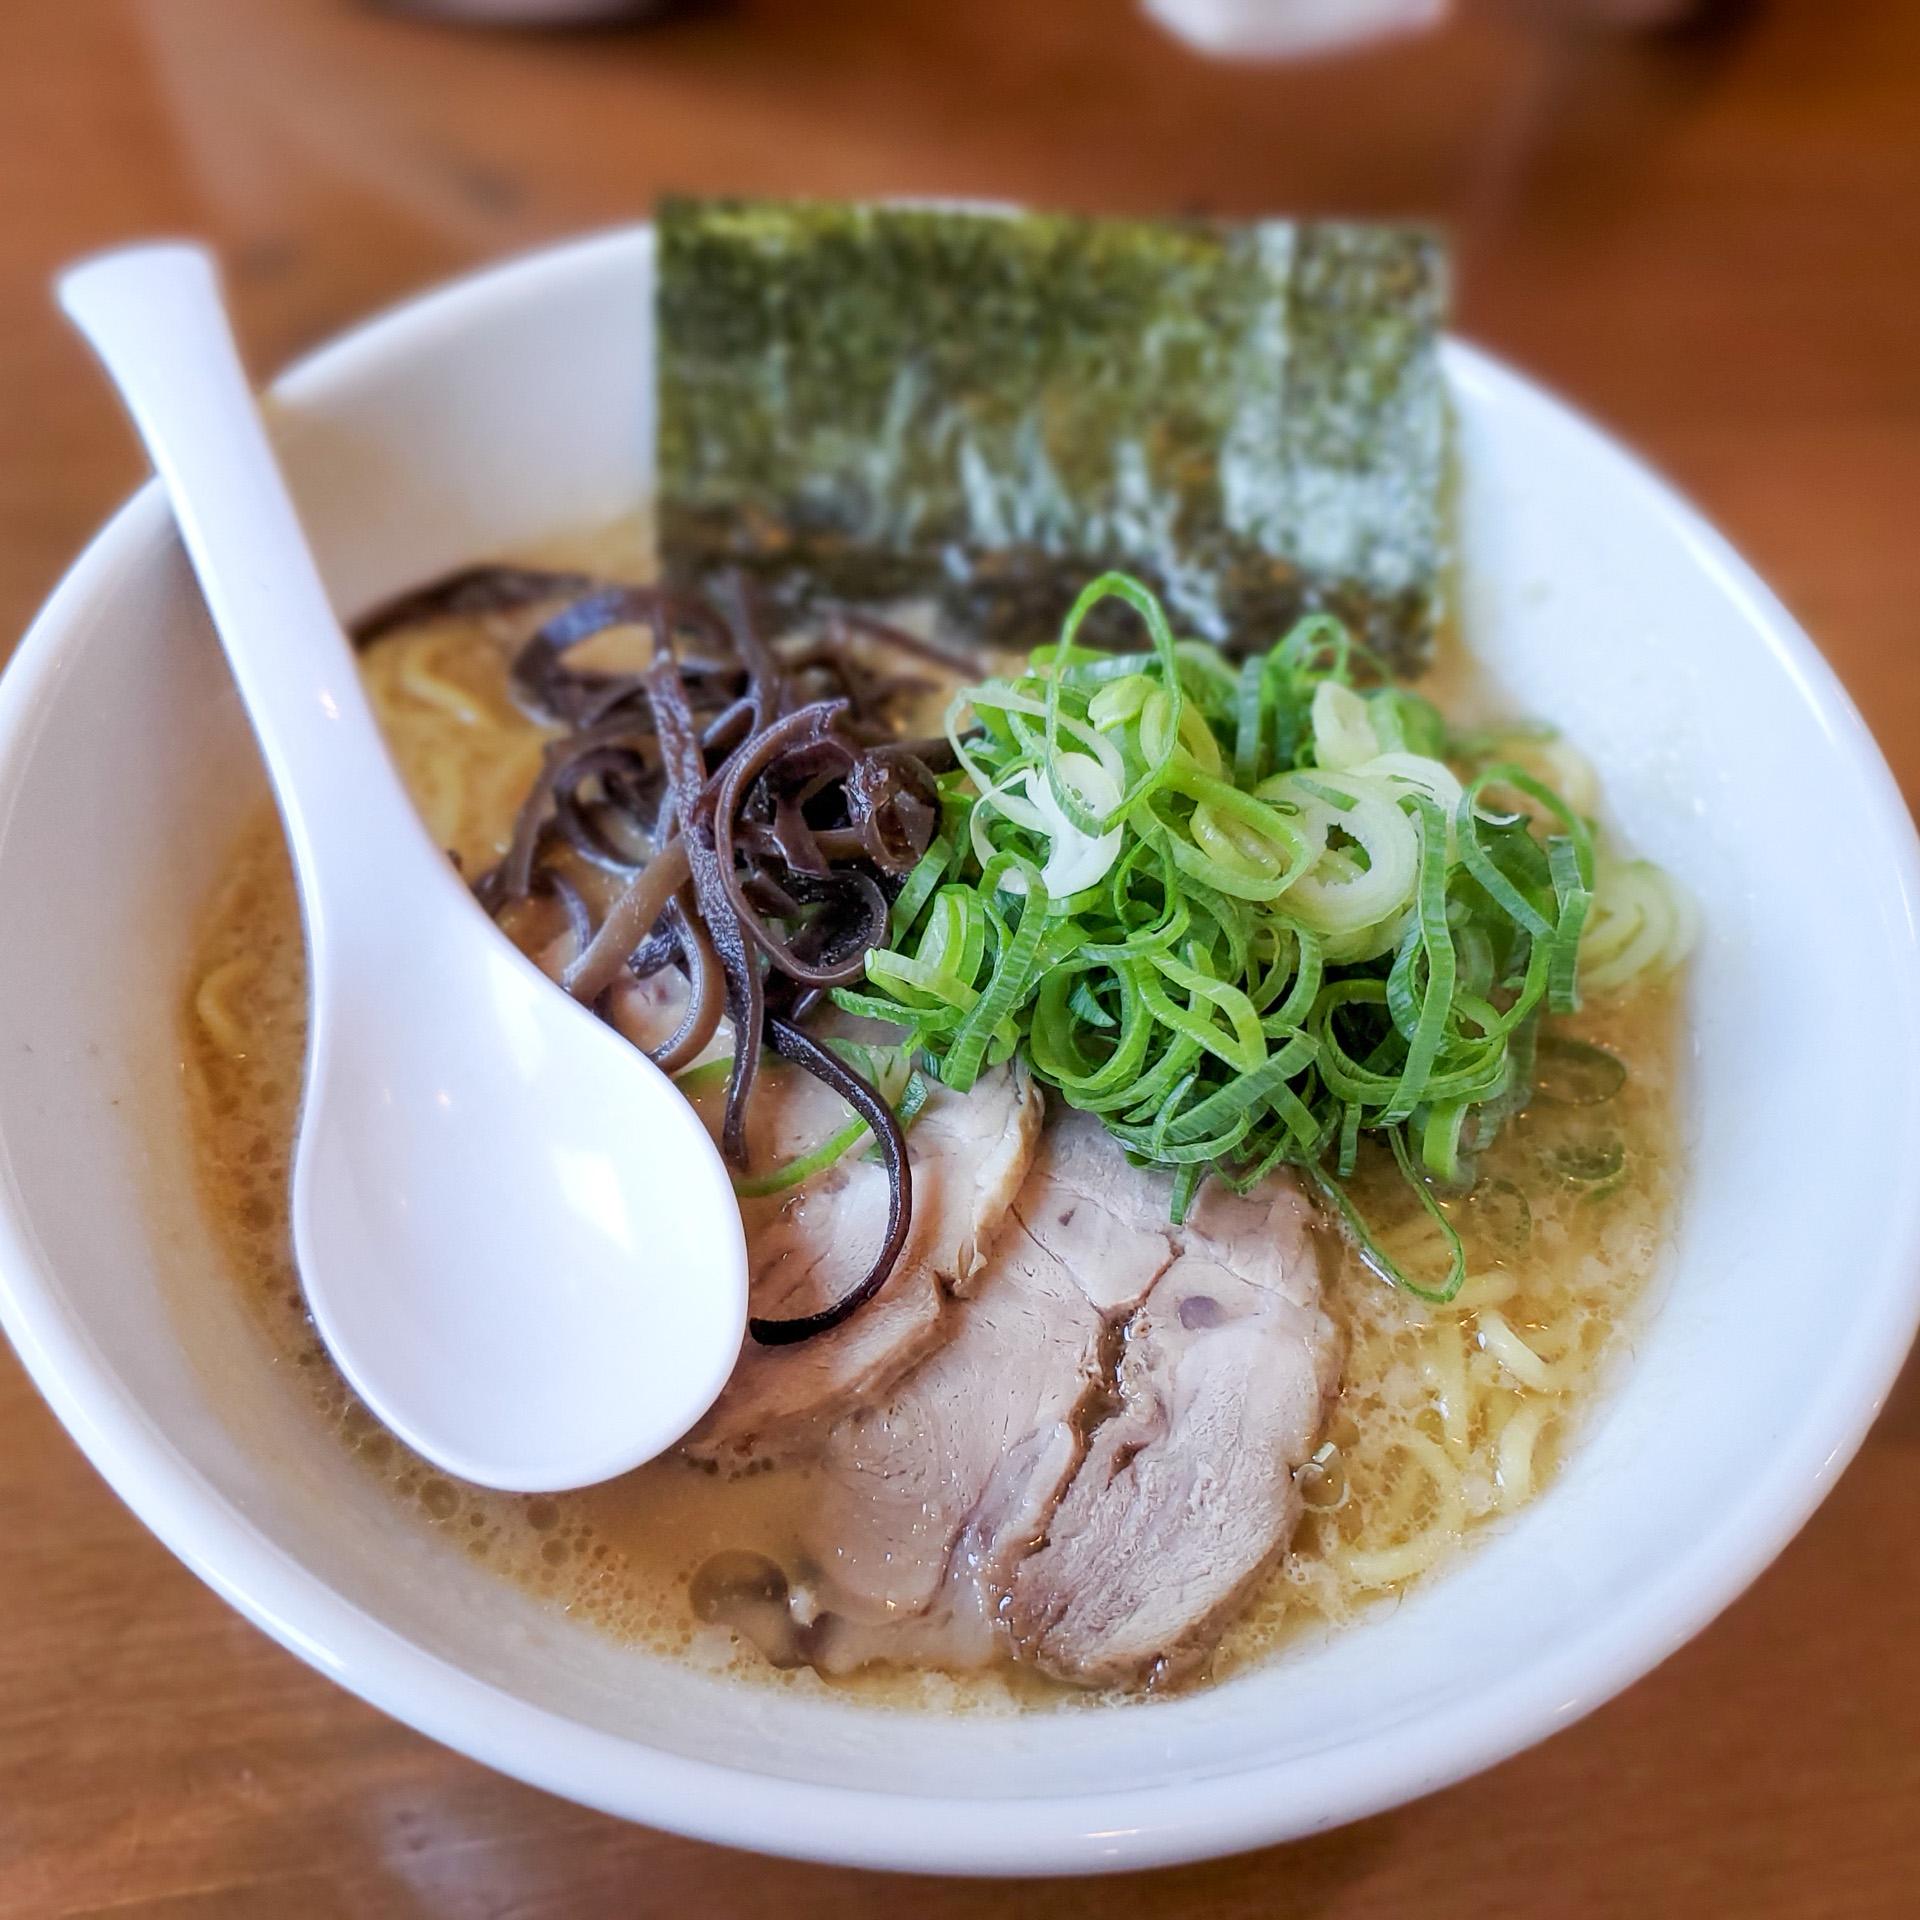 十勝で食べる美味しい蕎麦1 「そば処 農志塾」 9